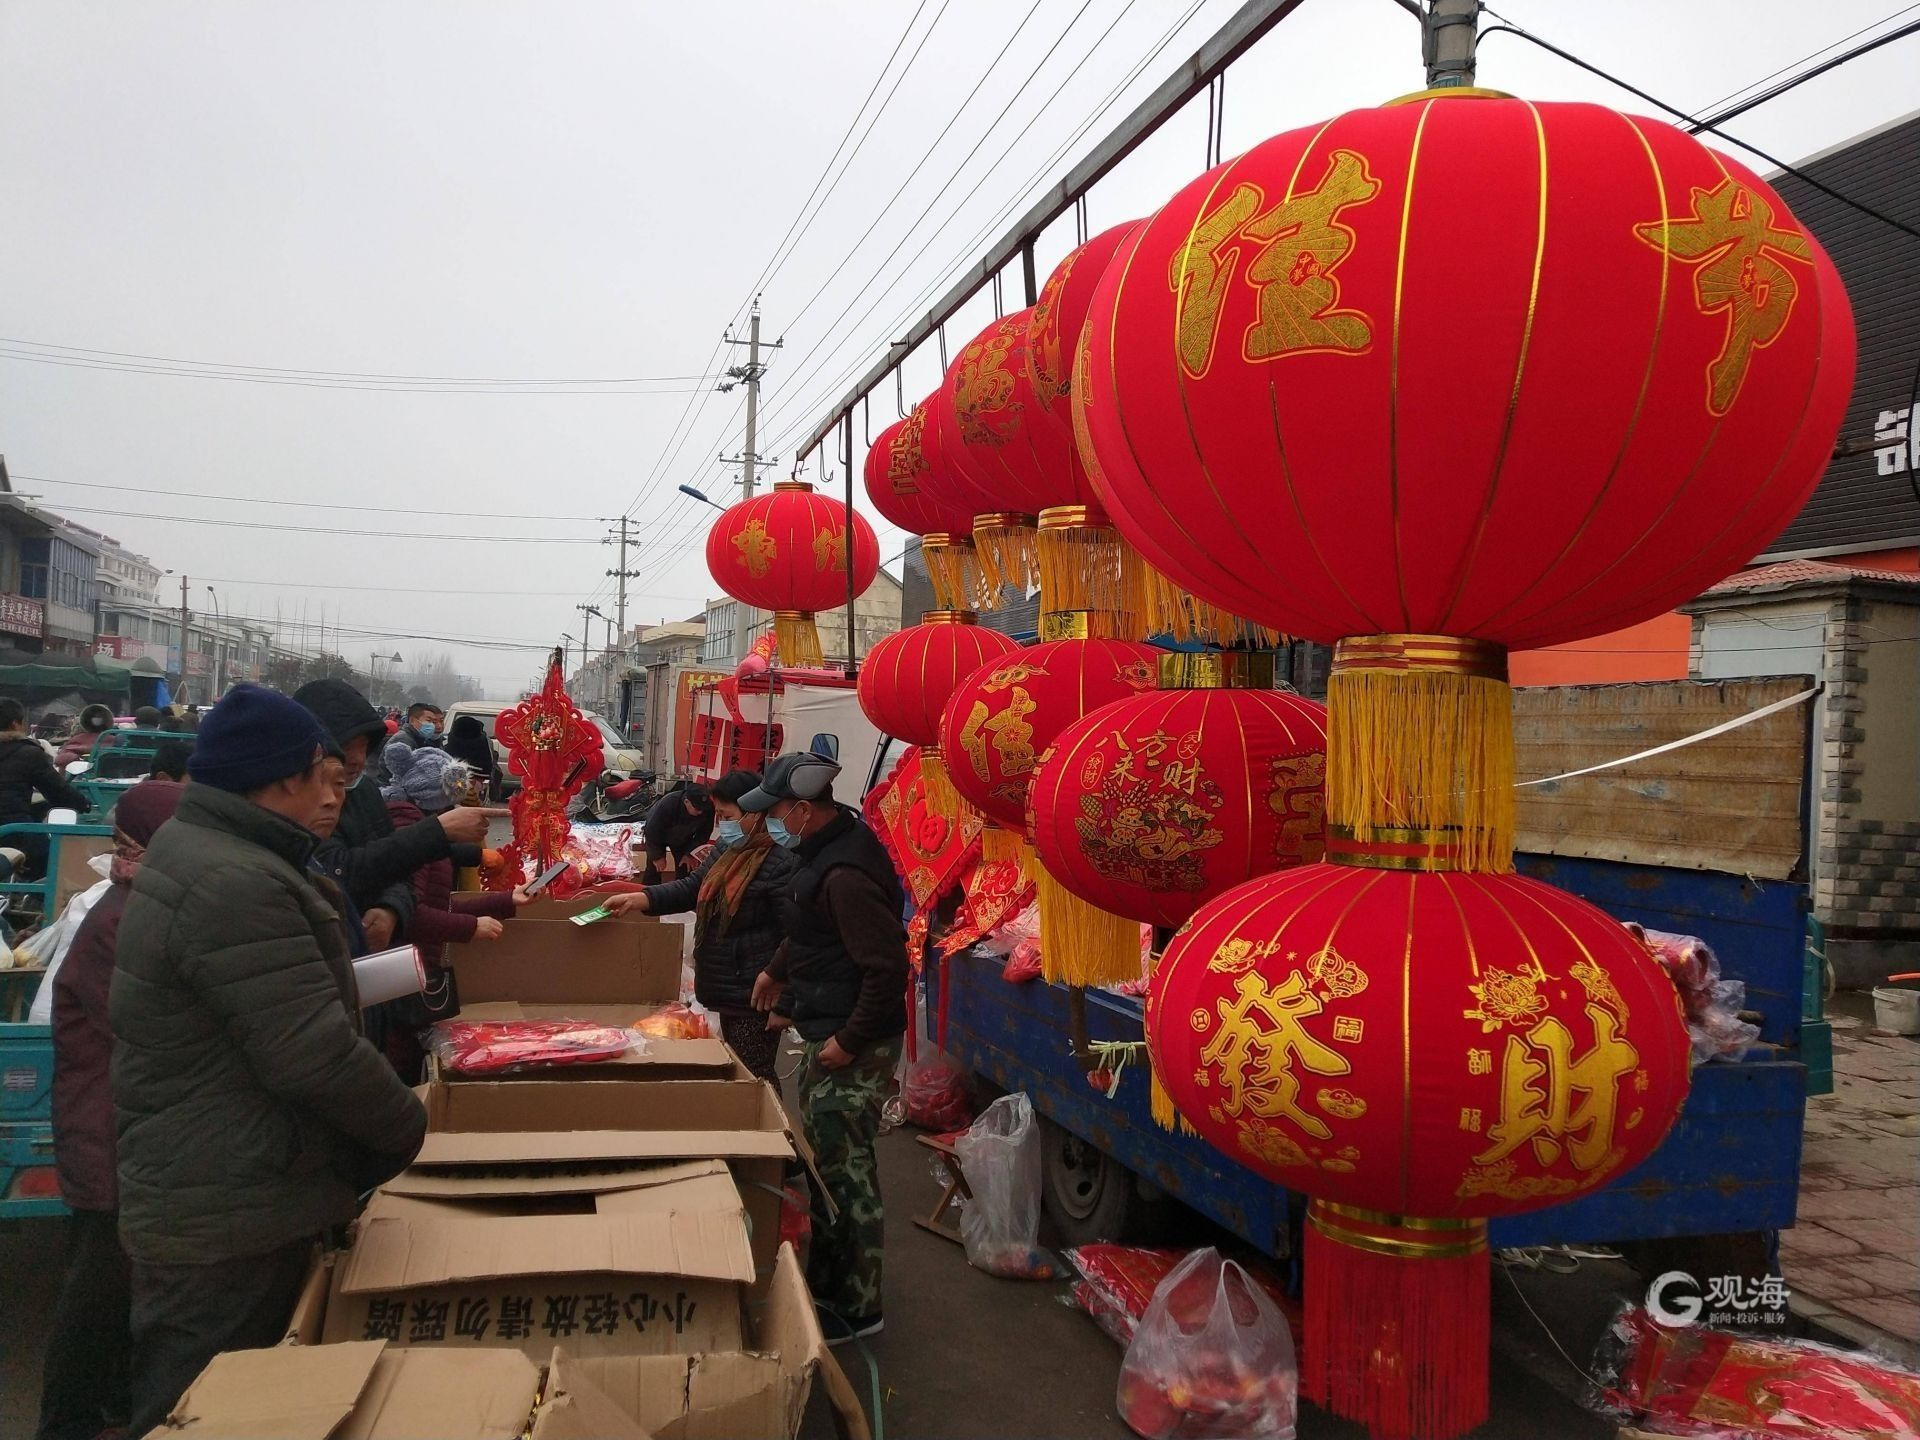 """三地乡民来赶集, 胶州西南乡最大农村大集年前""""火""""了"""